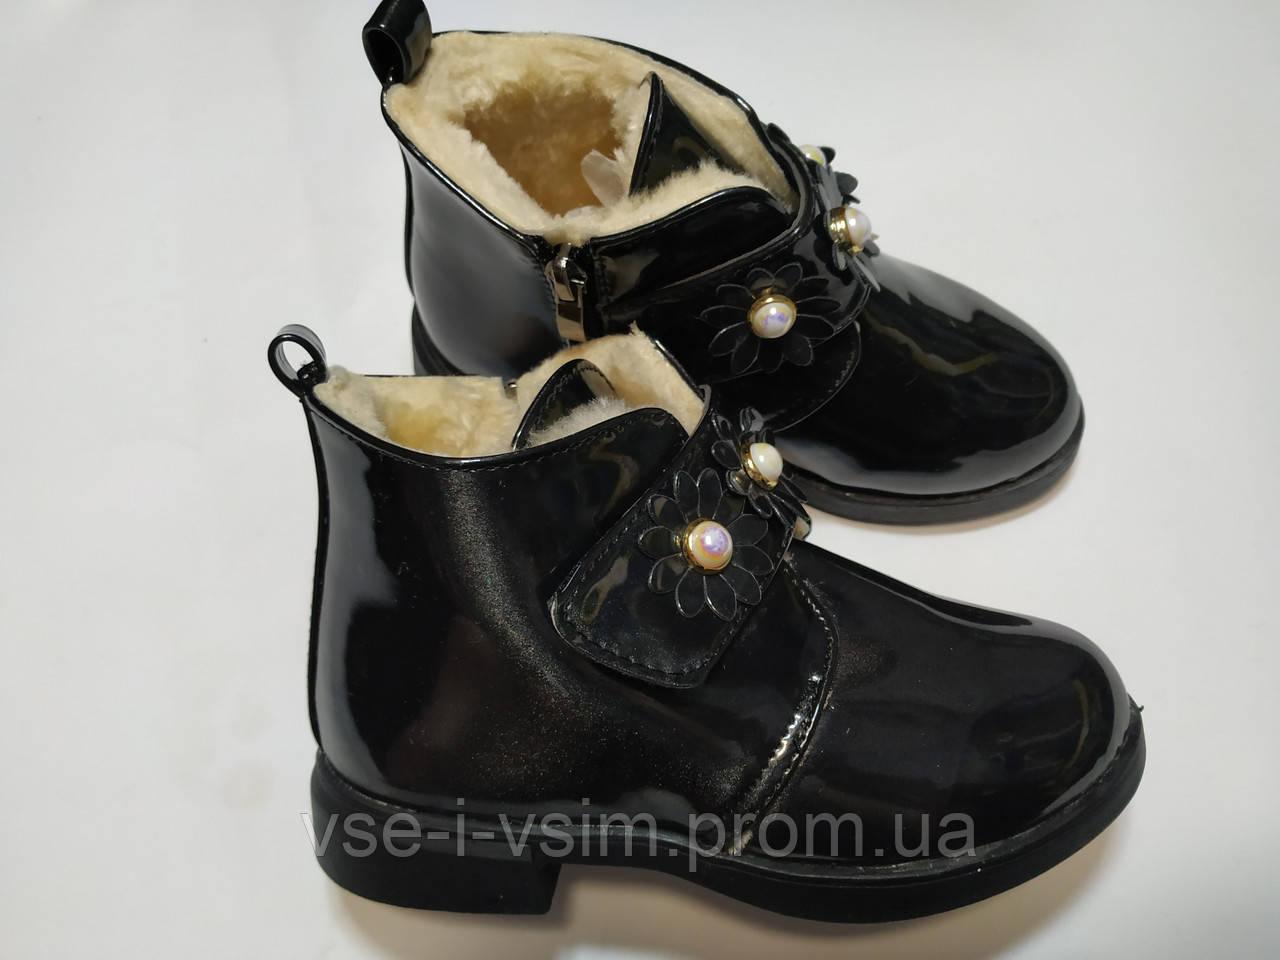 Ботинки для девочки Зима 31 р 17.5 см